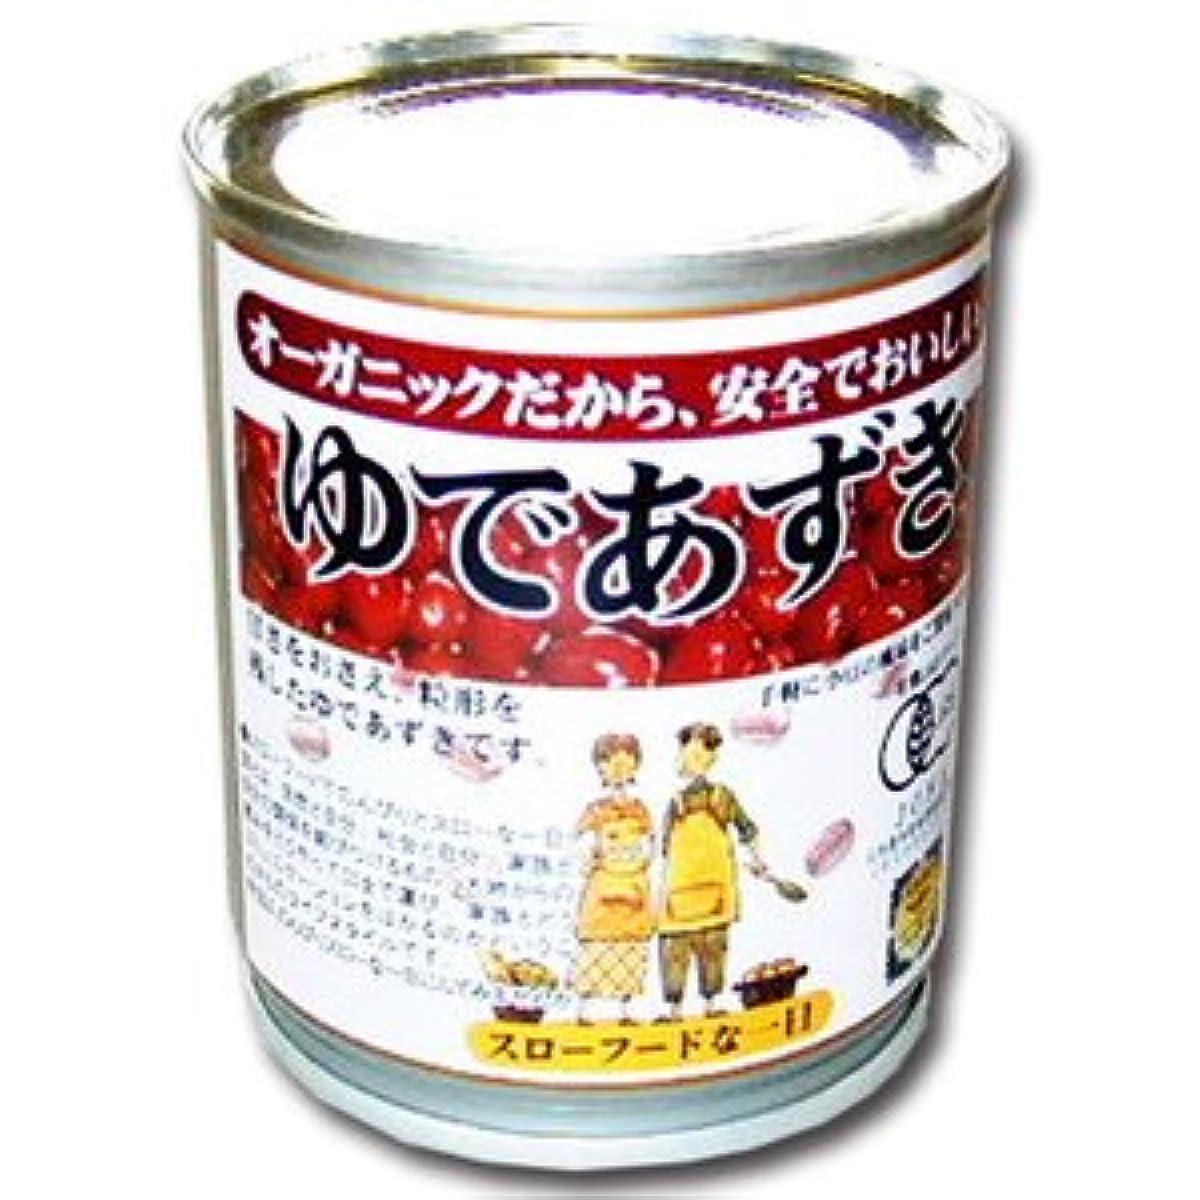 落花生肌寒い時々時々有機 JAS 認定 ゆであずき 缶詰 250g X5缶 セット (有機 あずき 砂糖 天然水 使用) (オーガニック 和風 スイーツ 缶詰め) (遠藤製餡)